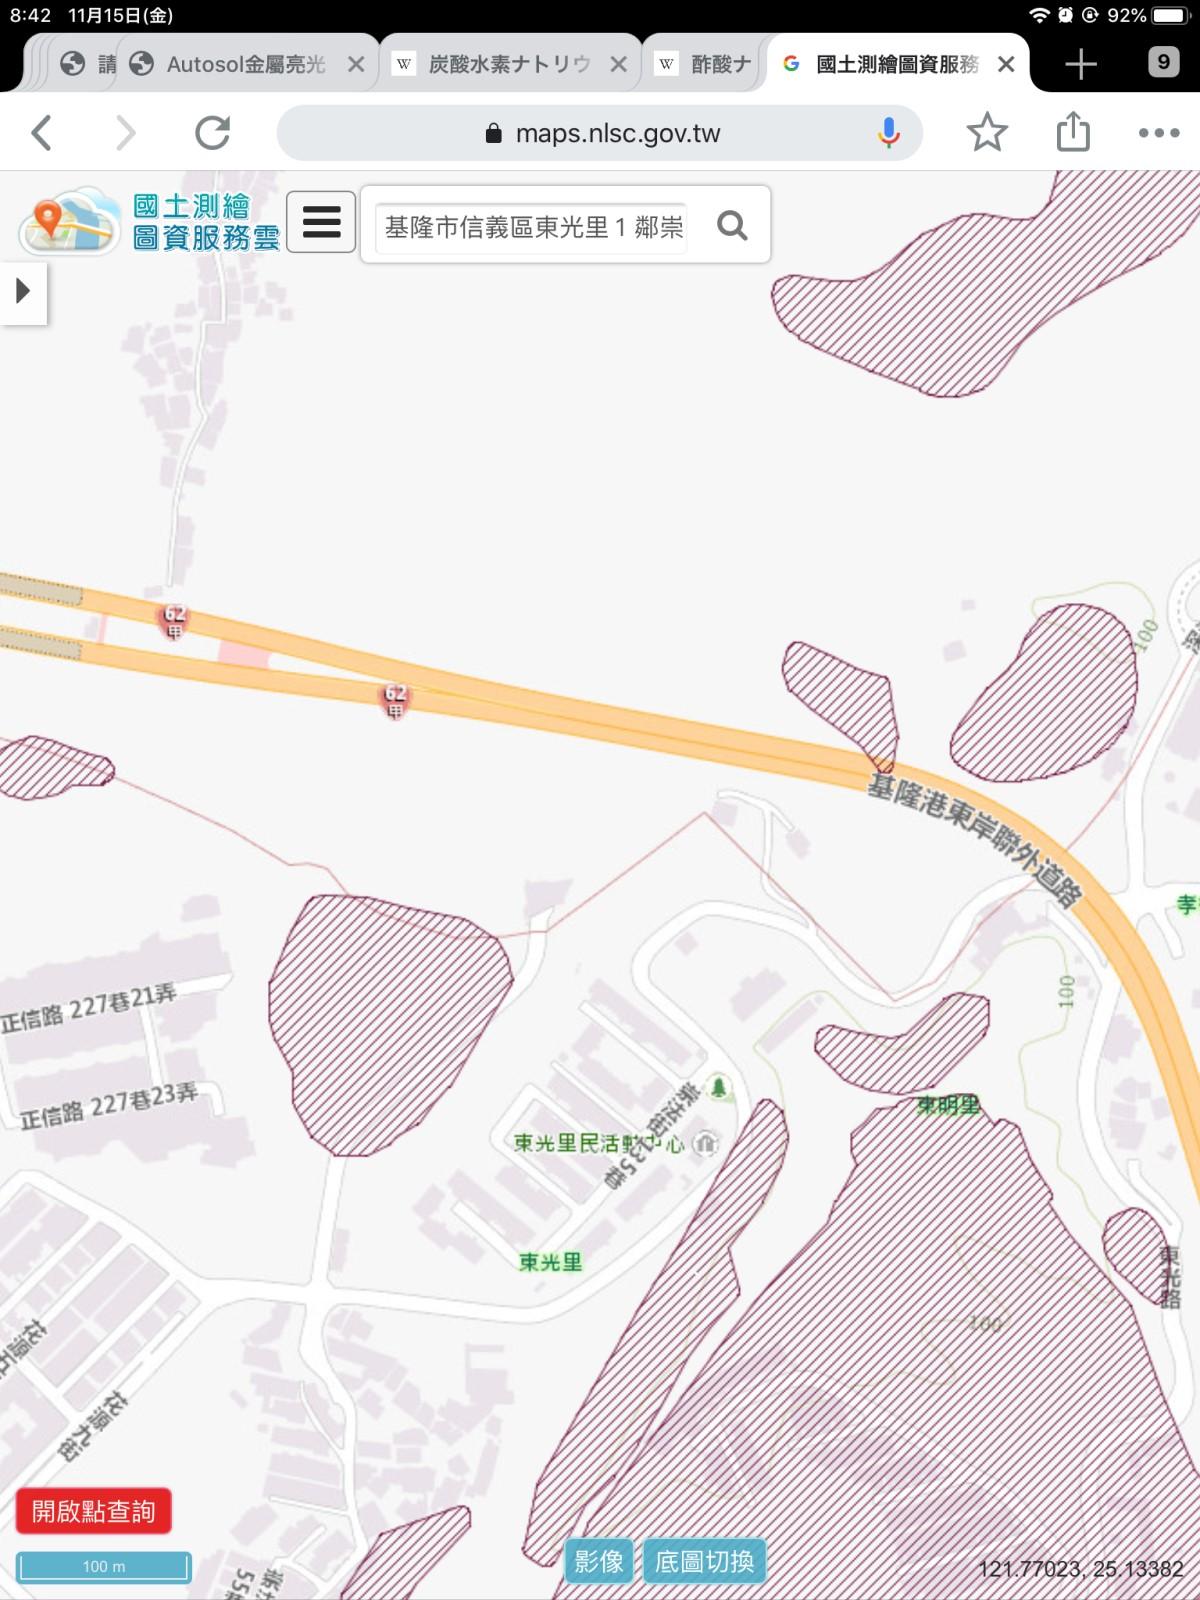 基隆信義區崇法街信義之星-國土測繪圖資